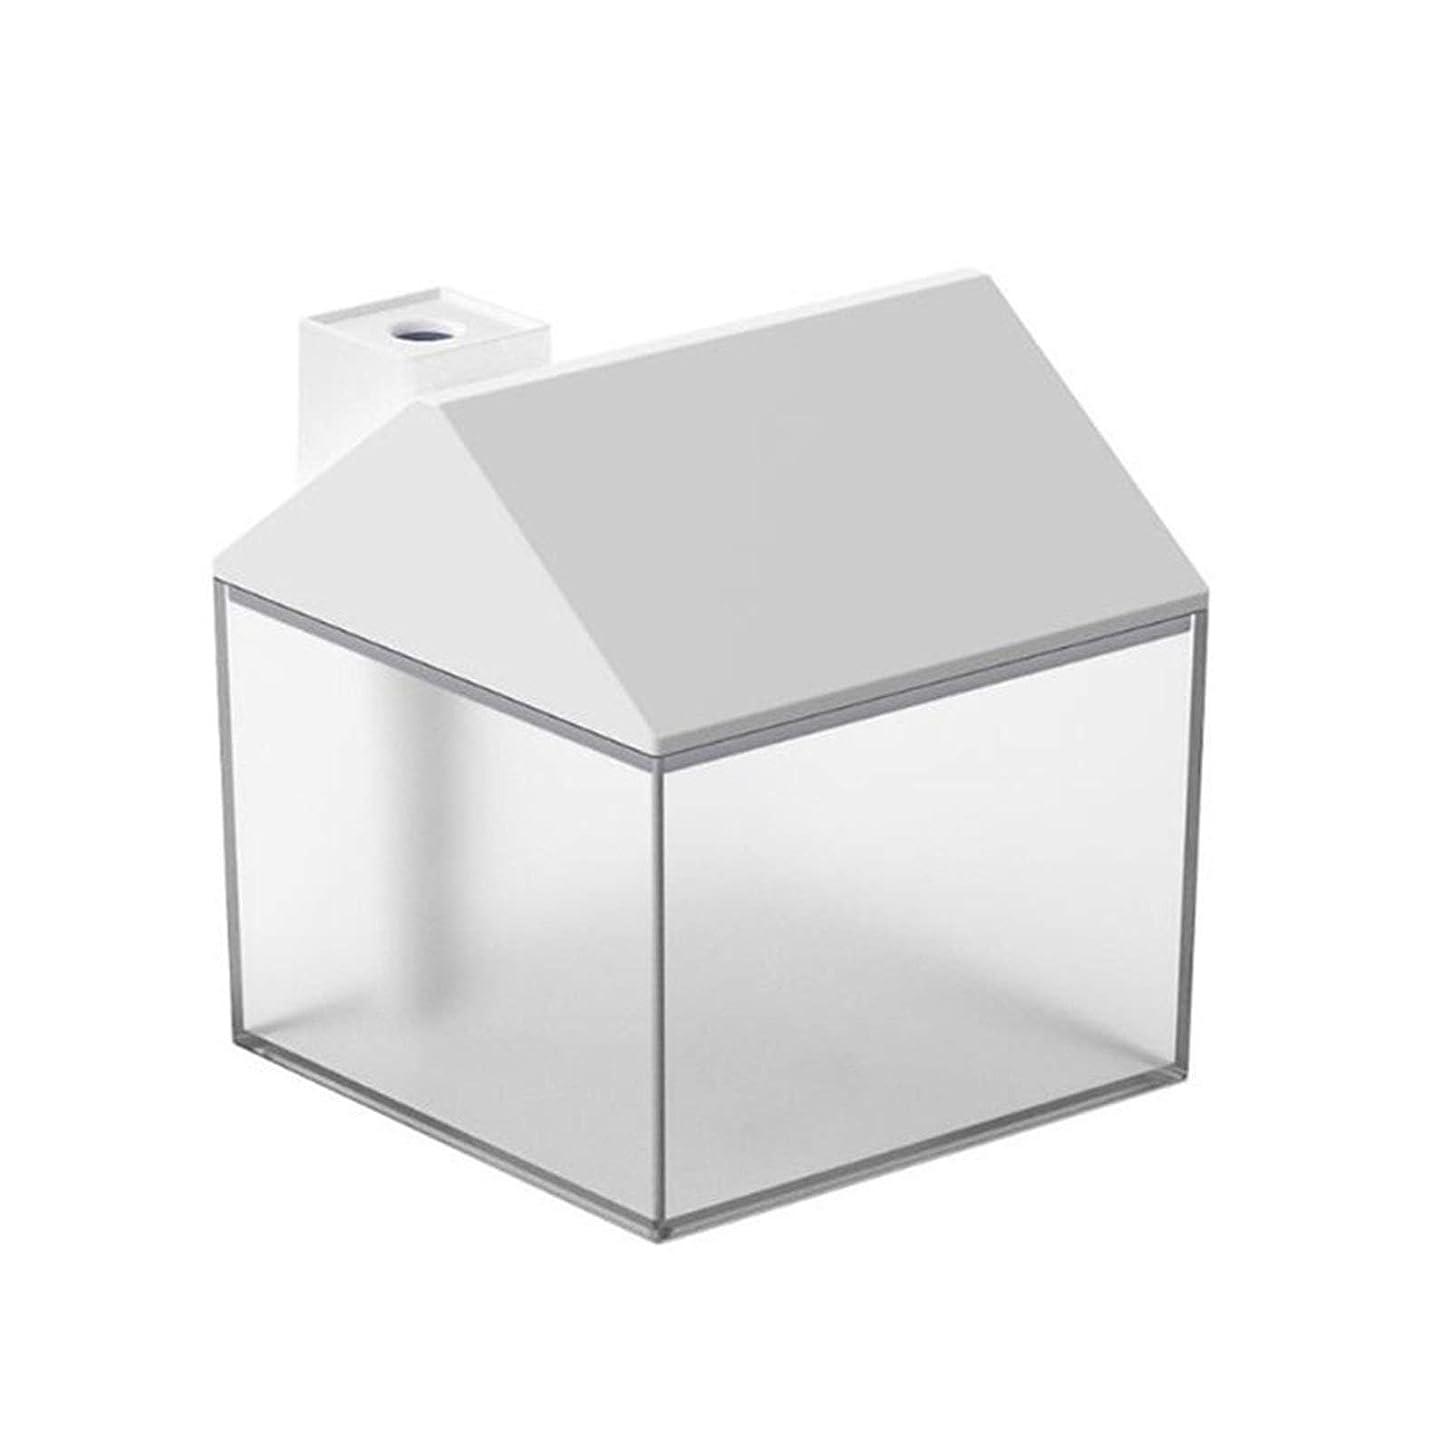 リーガンスーダン優遇空気を改善する 3 USB LEDライトベッドルームオフィス空気清浄機で1 250ミリリットルミニ加湿器超音波加湿器車で 家財道具 (Color : White)